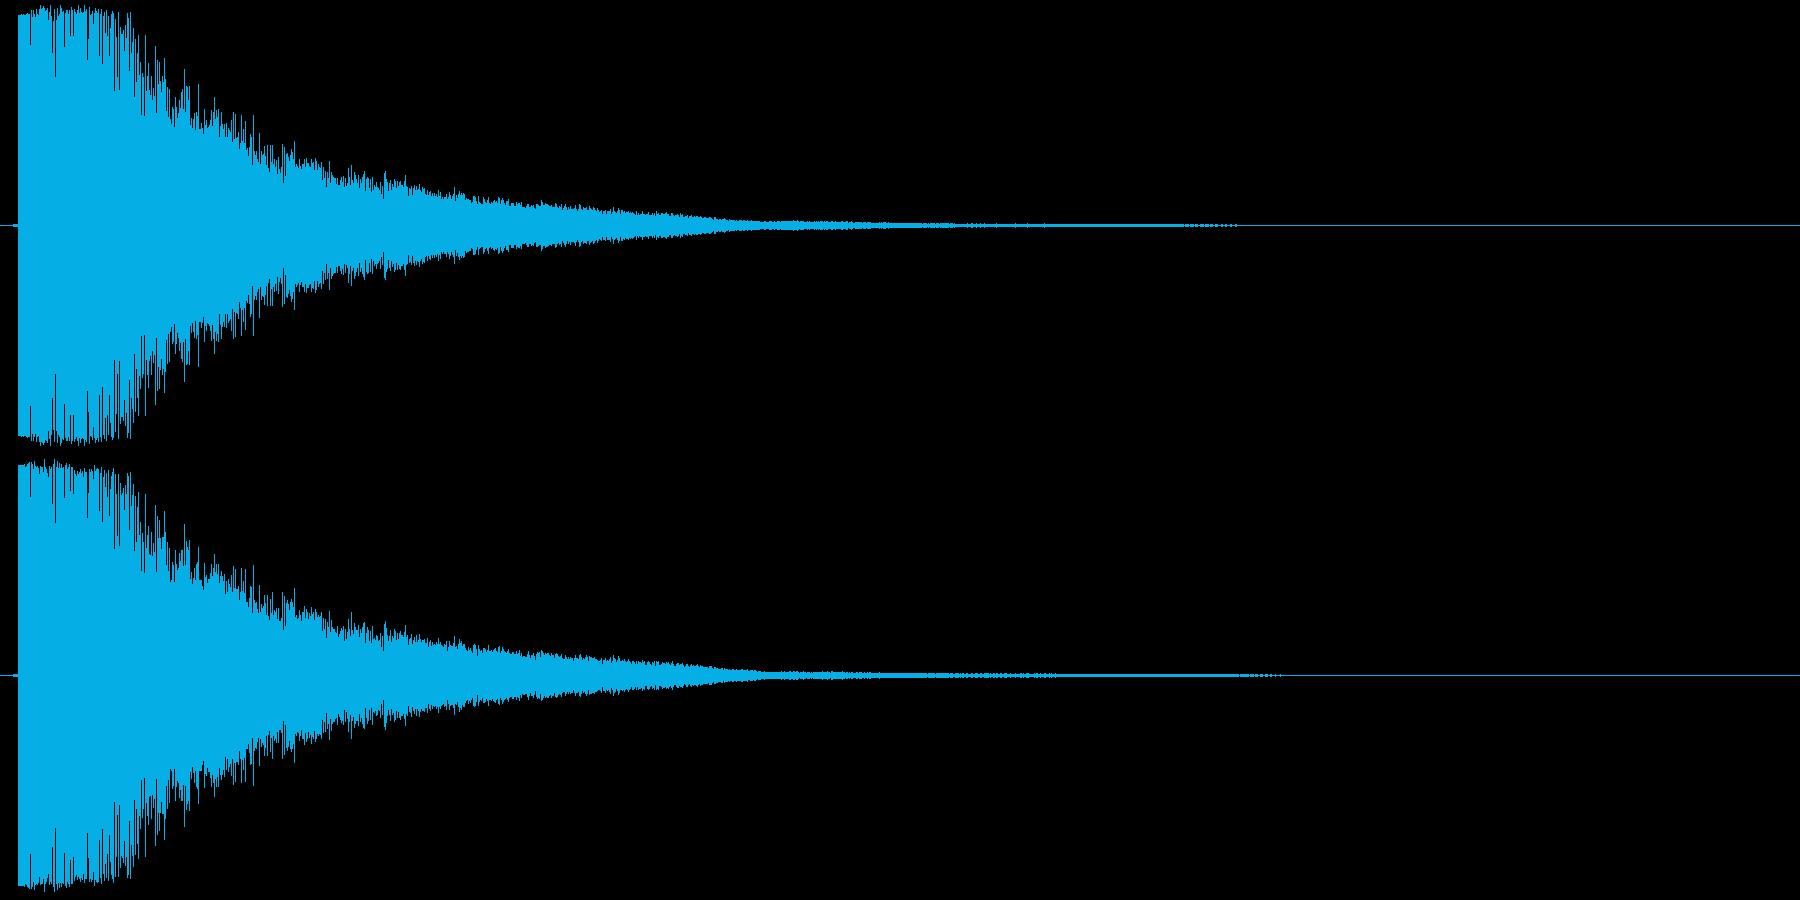 シャキーン01(剣、刀がぶつかる音)の再生済みの波形